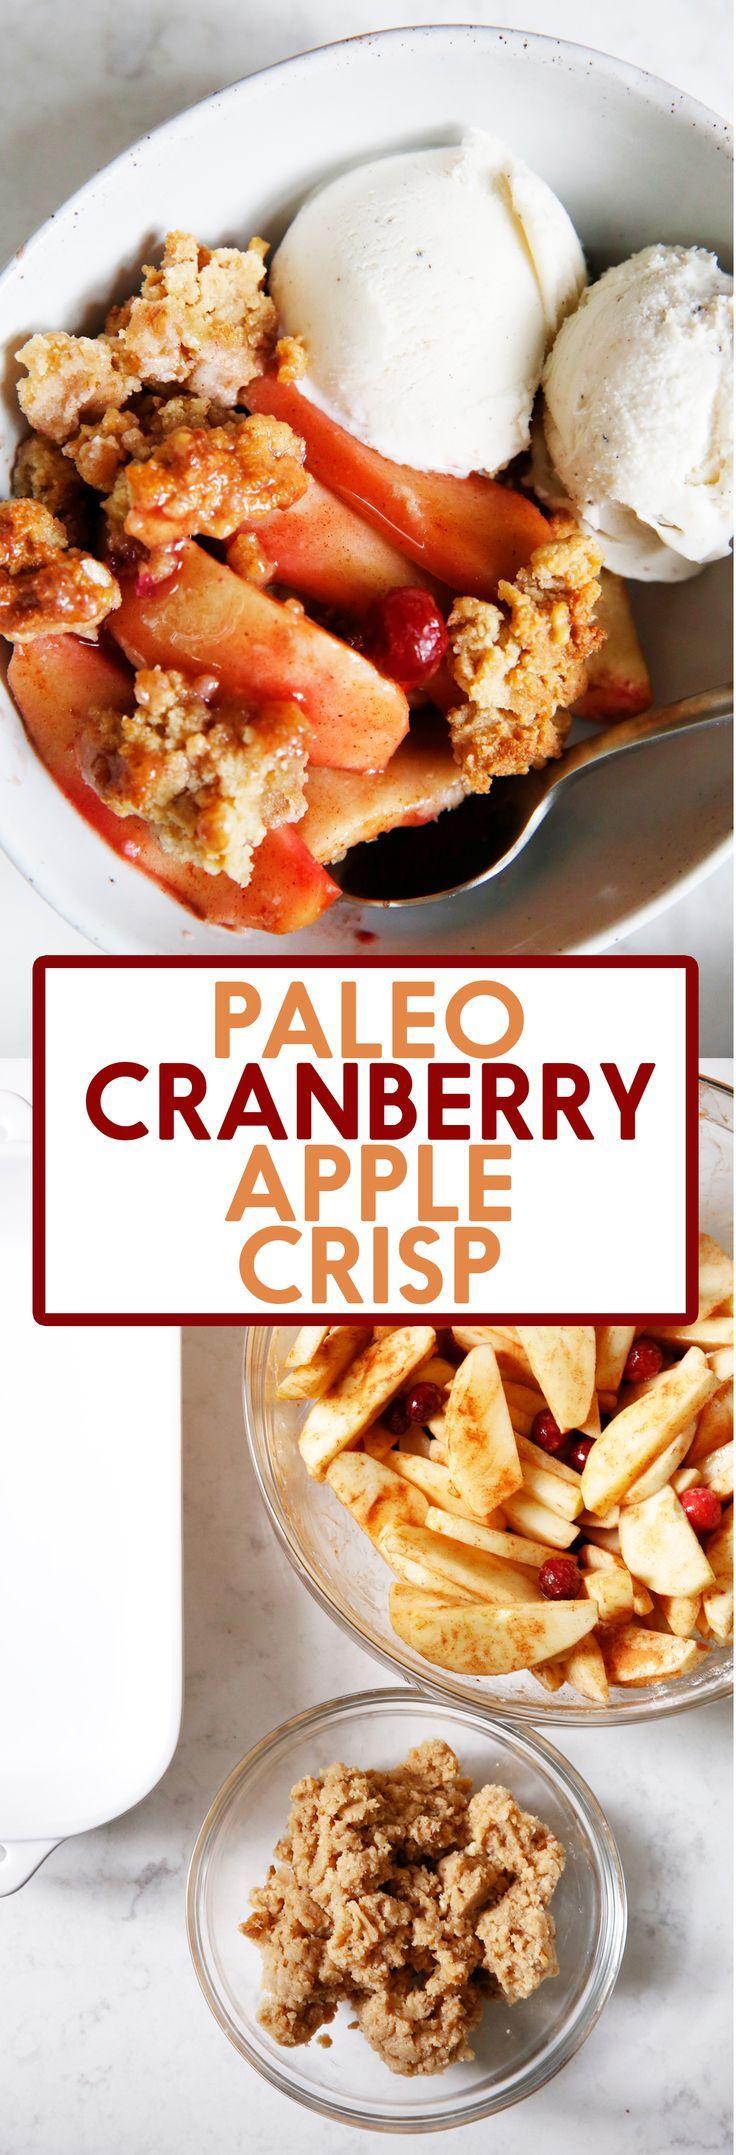 Cranberry Apple Crisp Recipe Apple Crisp Food Recipes Apple